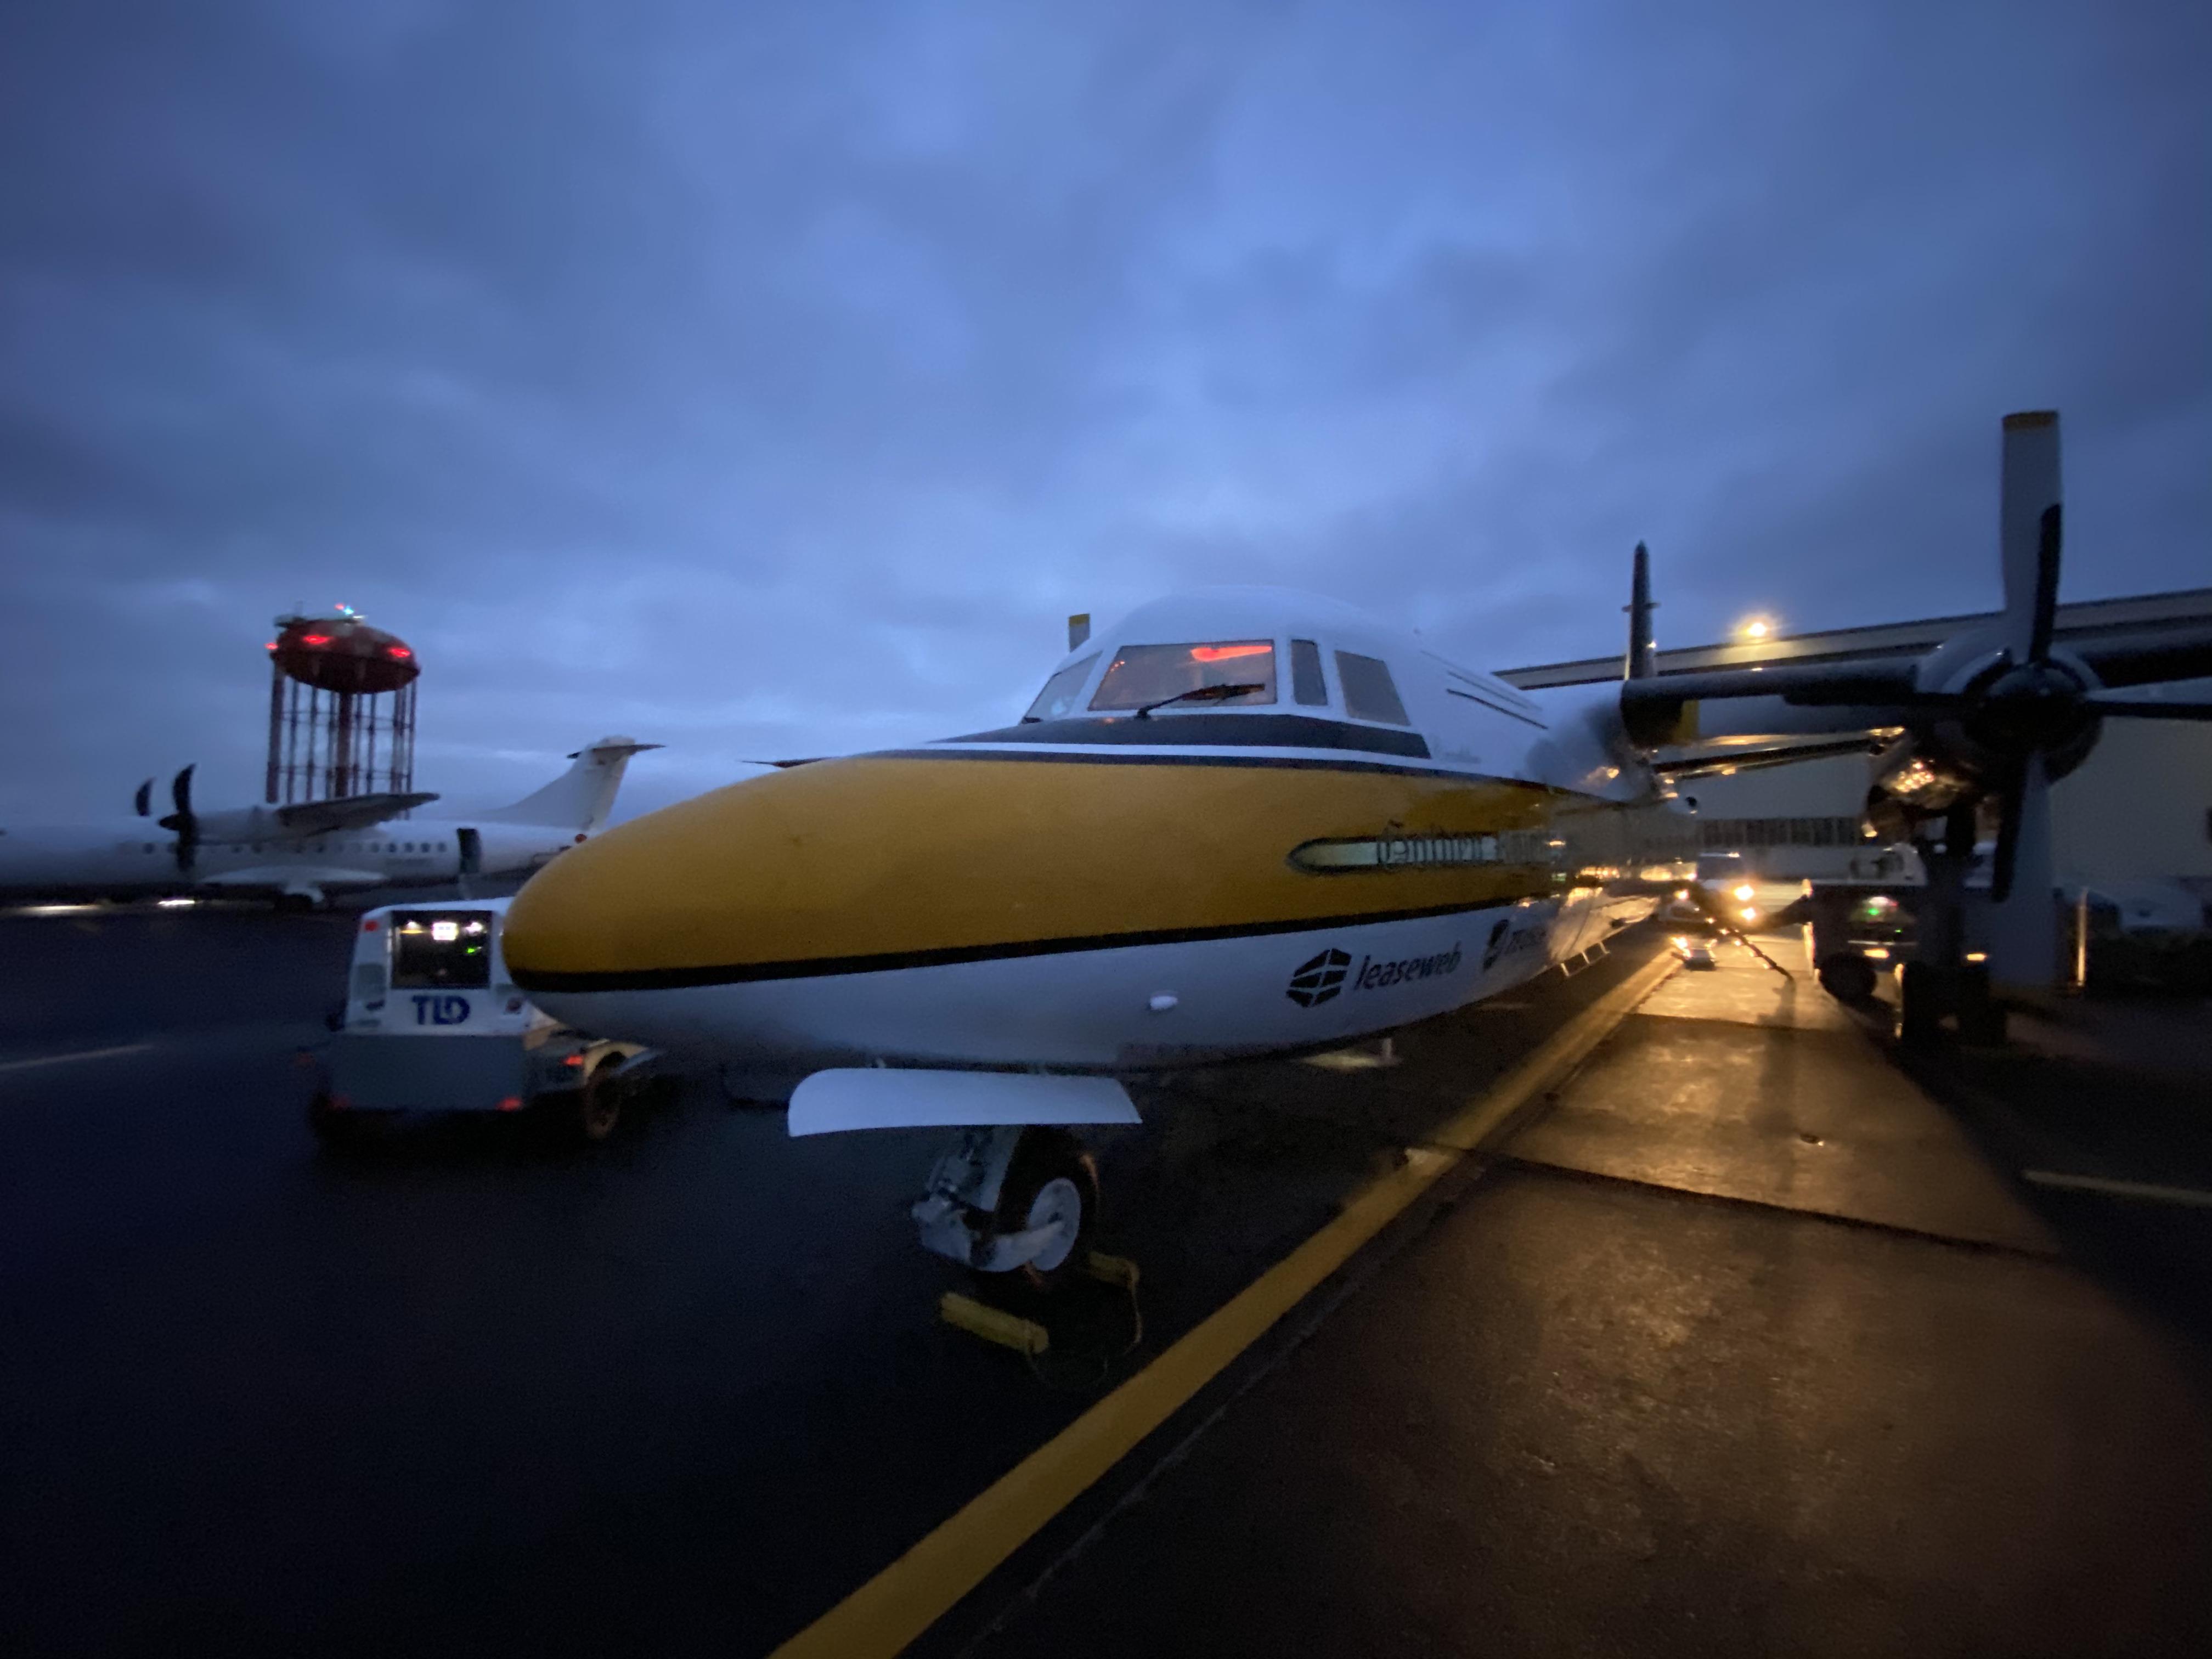 De F27 Excalibur - Van Reykjavik naar Lelystad